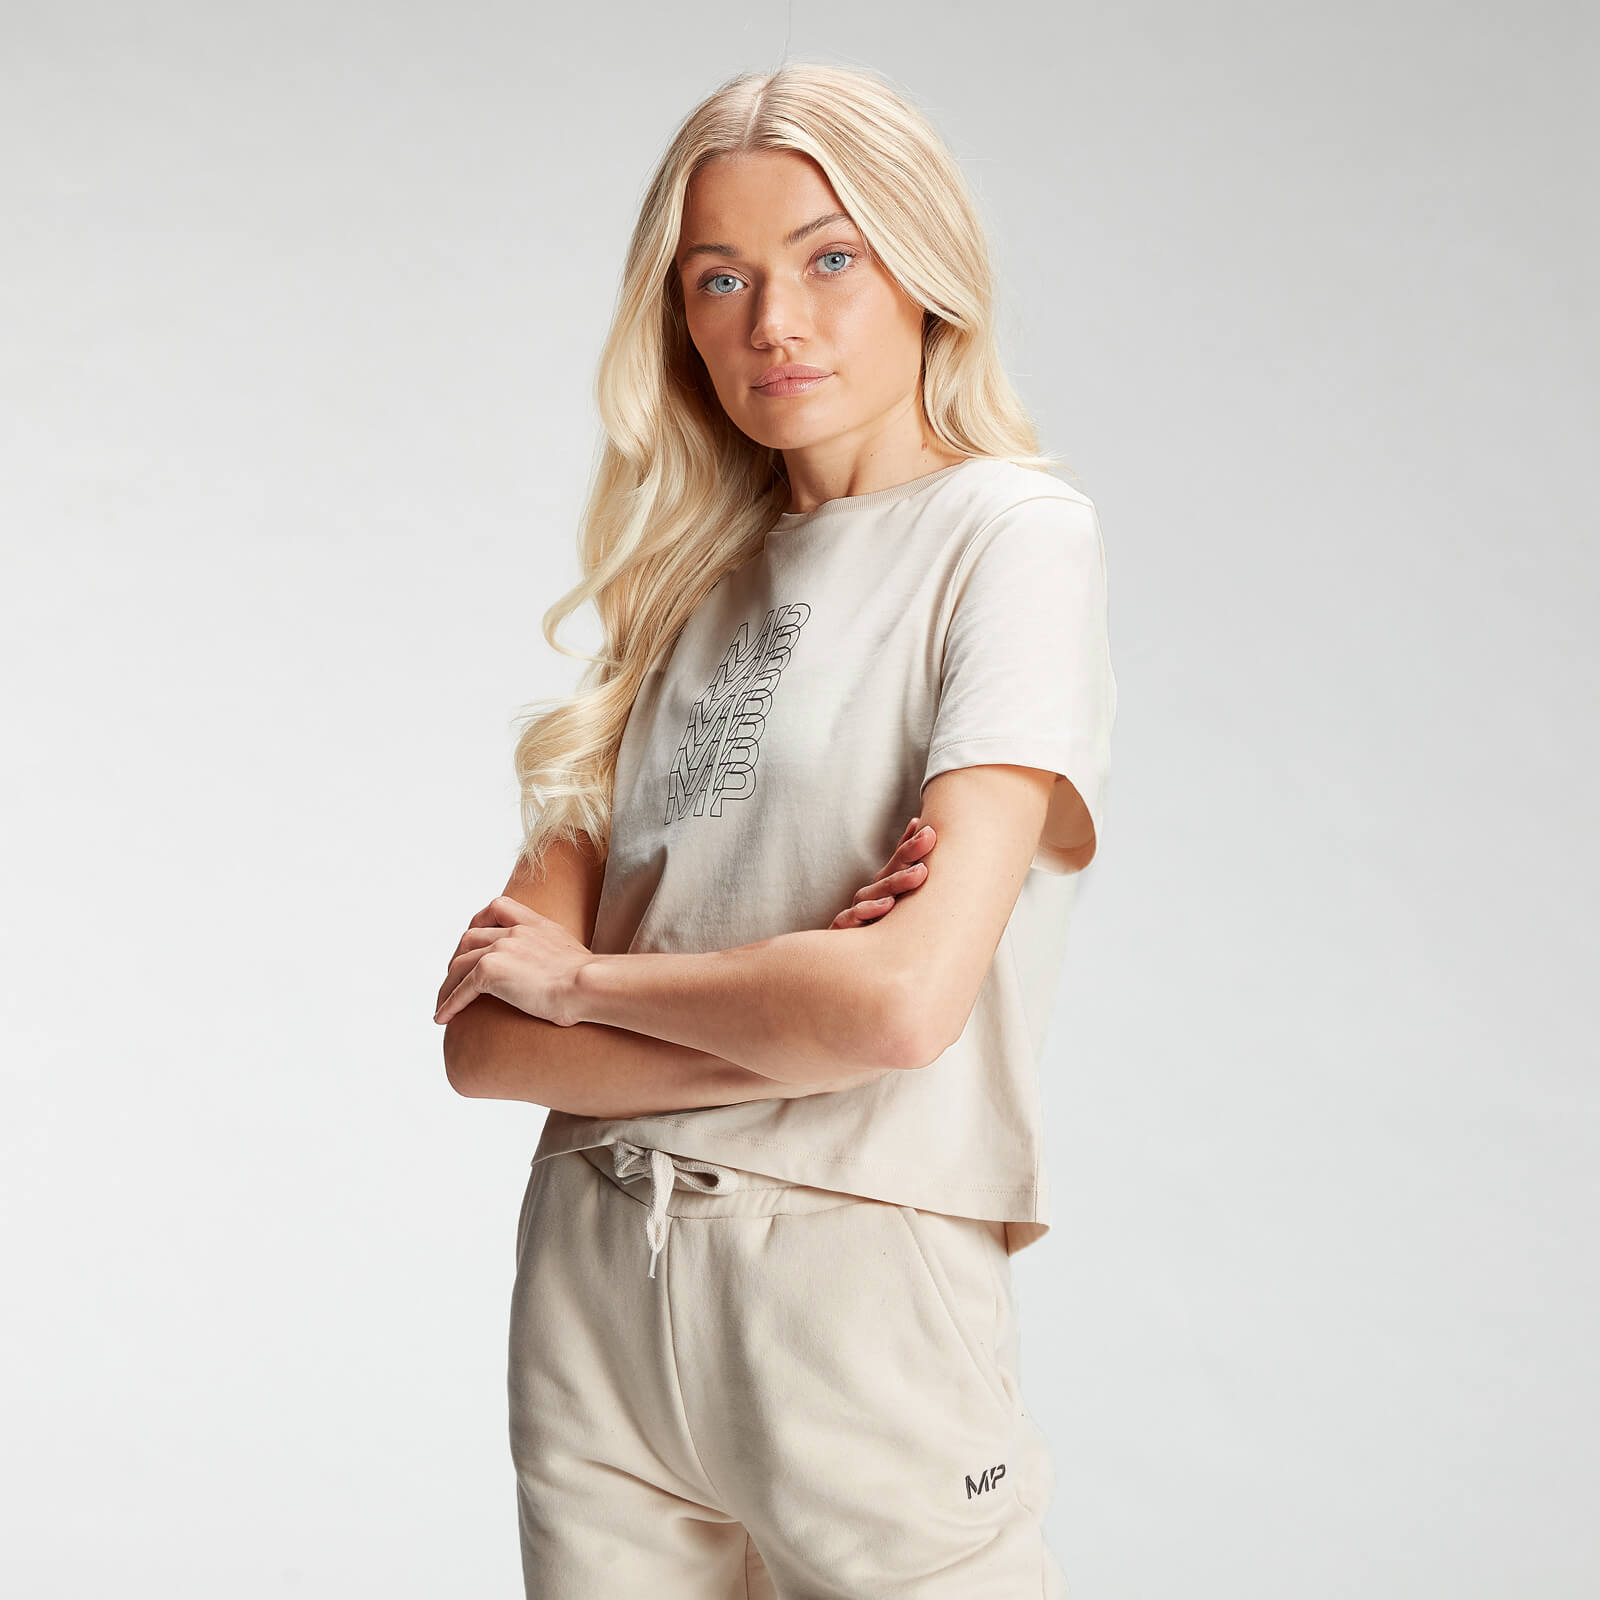 Купить MP Women's Repeat MP Crop T-Shirt - Ecru - XXL, Myprotein International